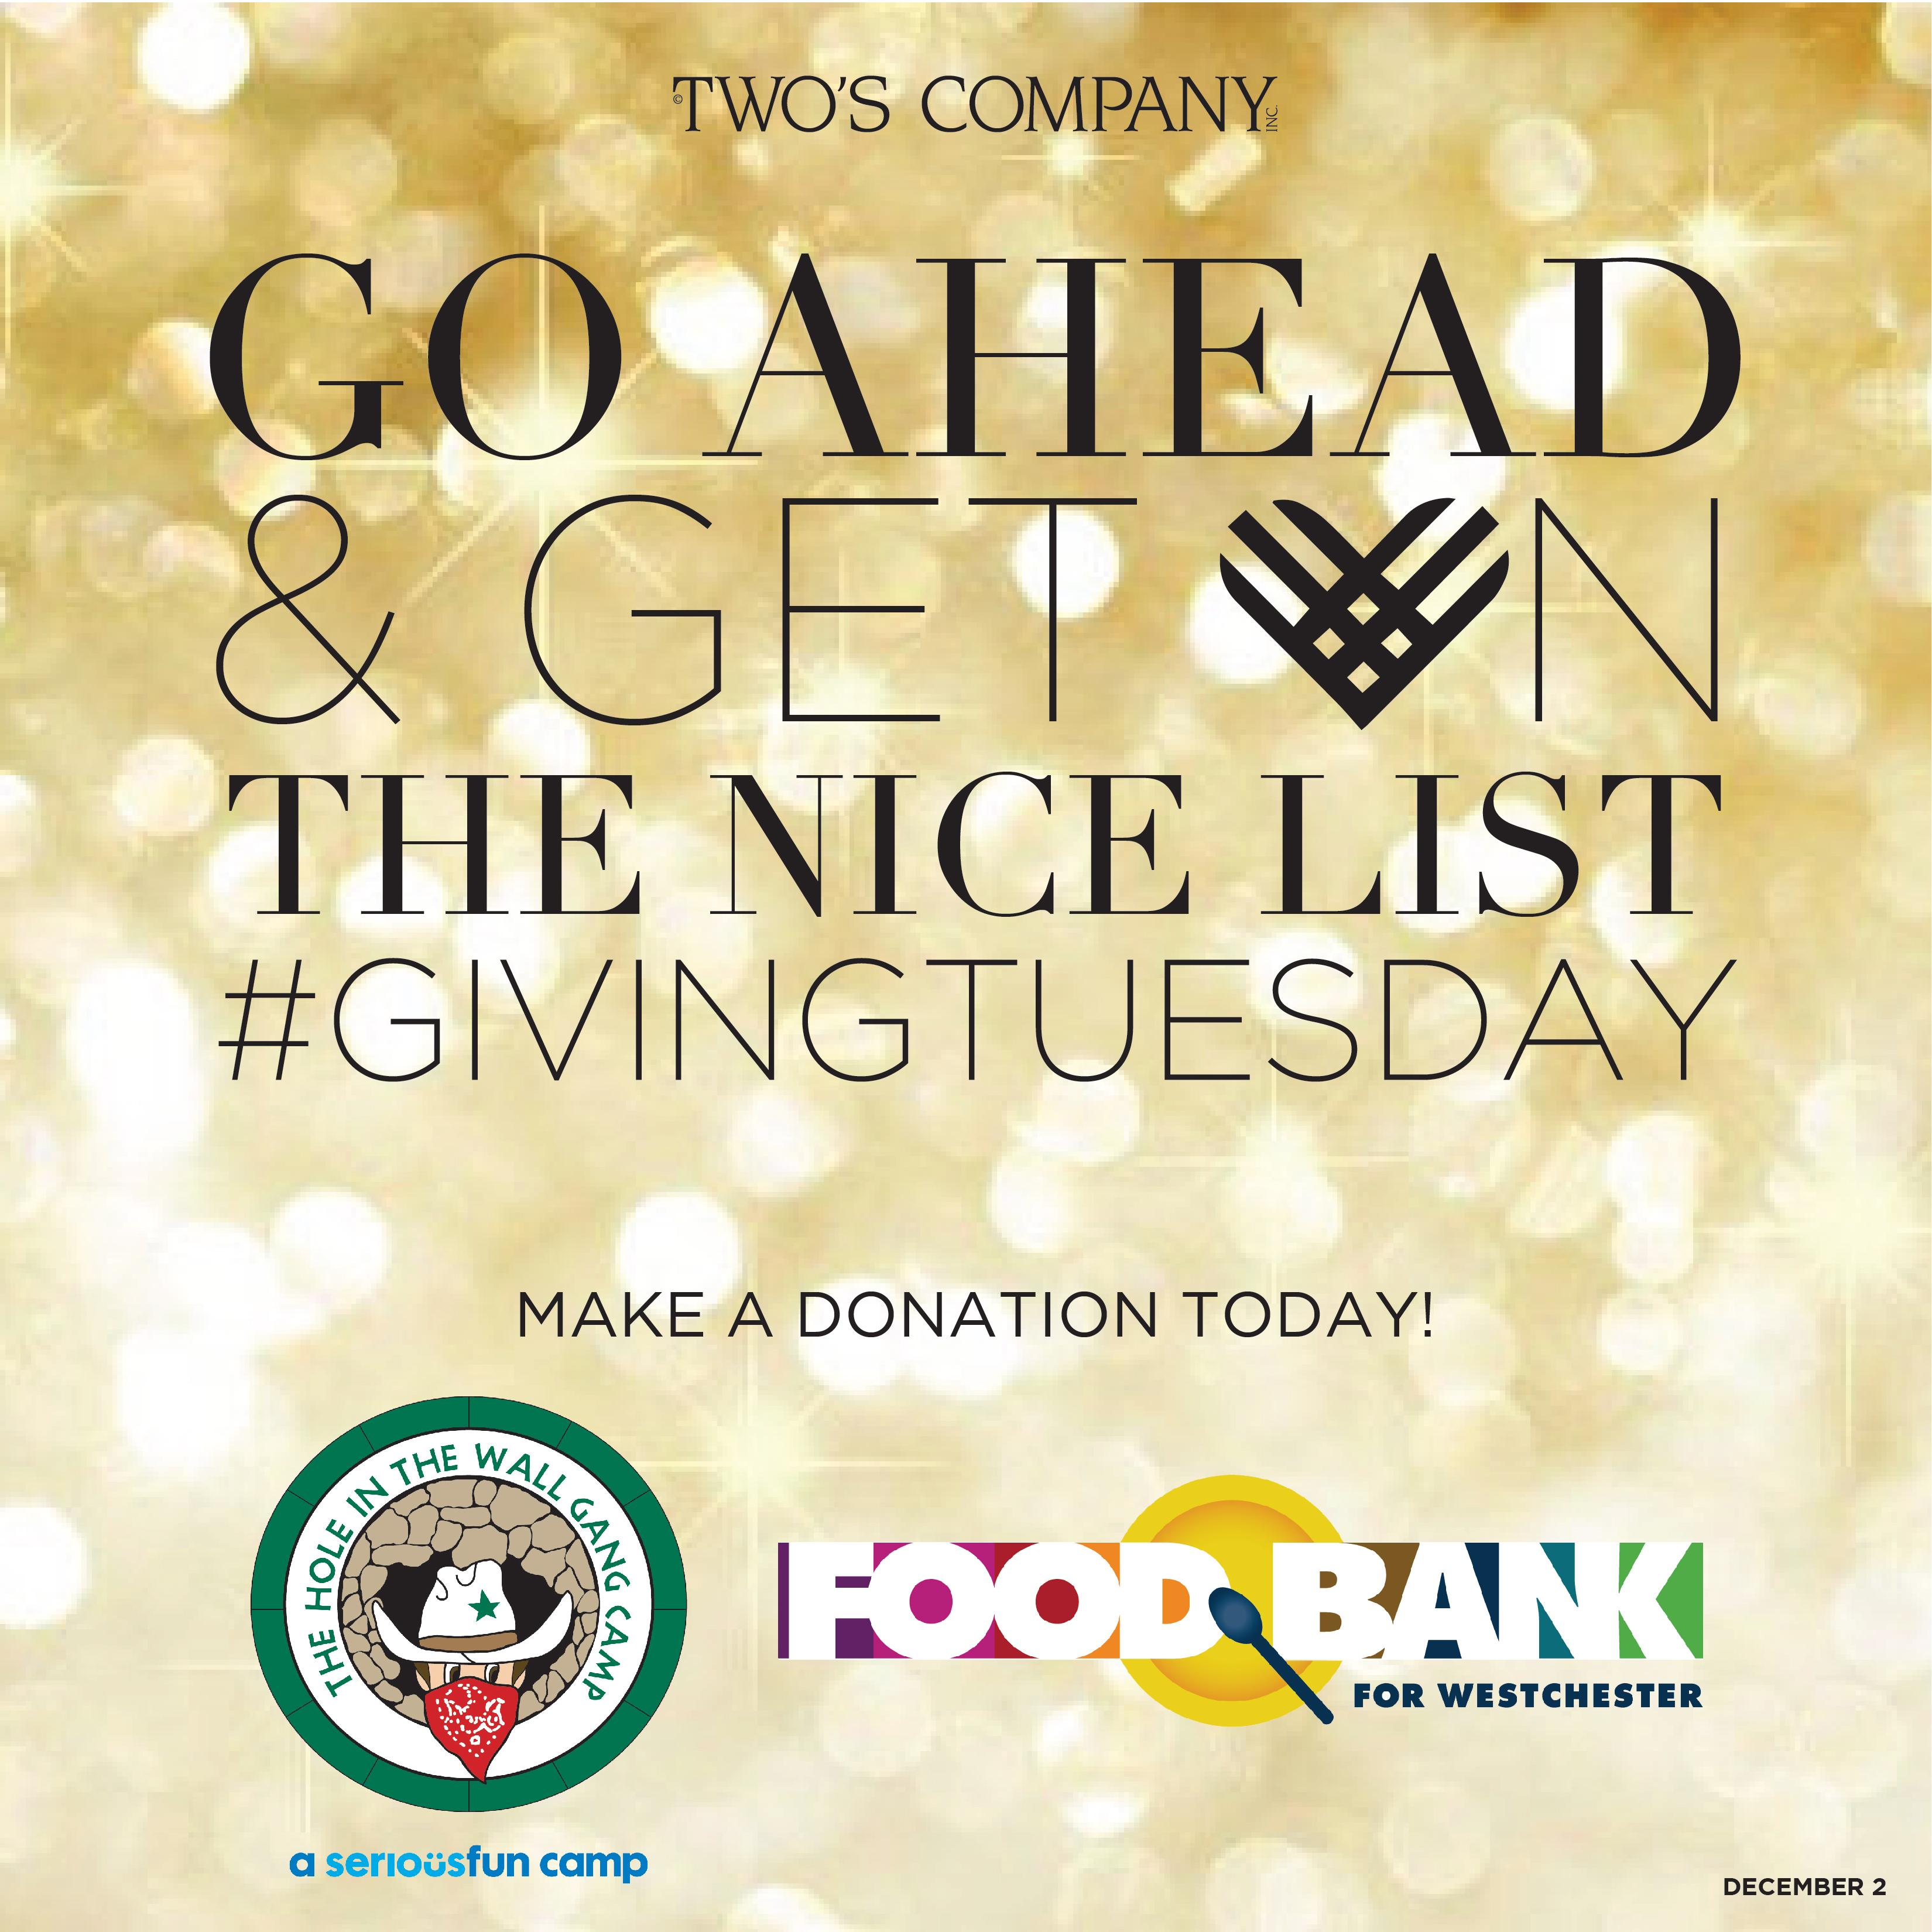 #givingtuesday-01